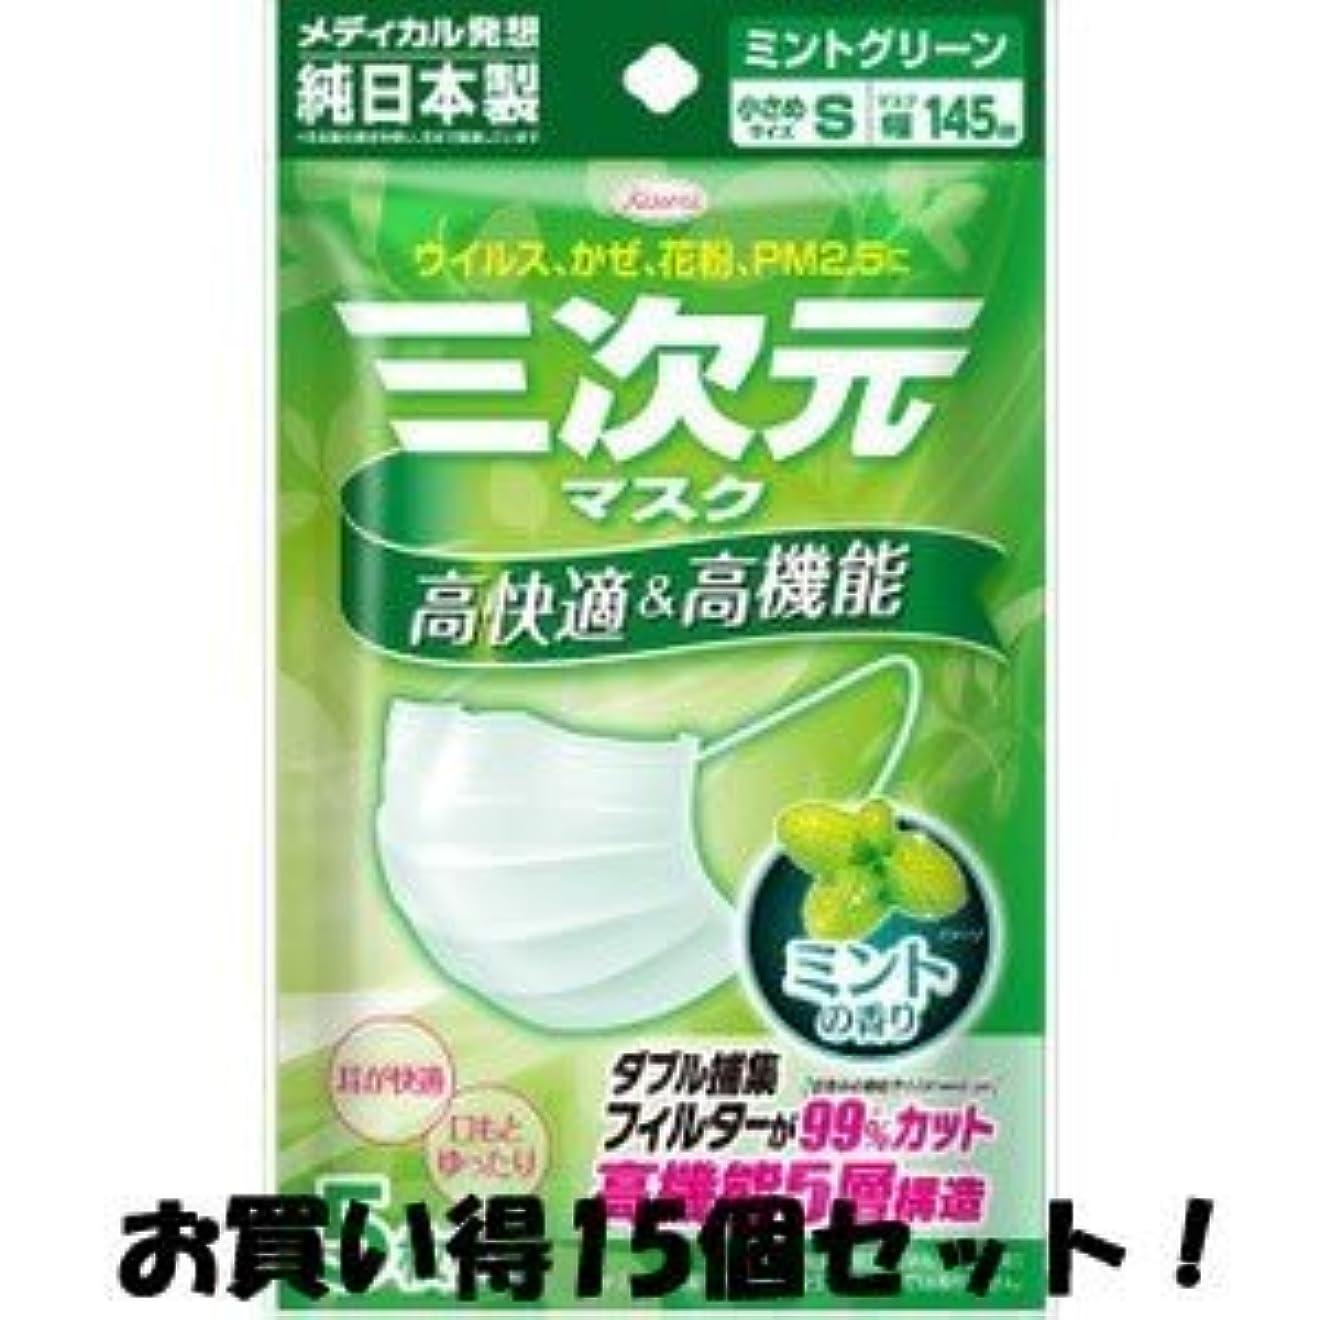 ブロンズ不適当社(興和新薬)三次元マスク ミントの香り グリーン 小さめSサイズ 5枚入(お買い得15個セット)